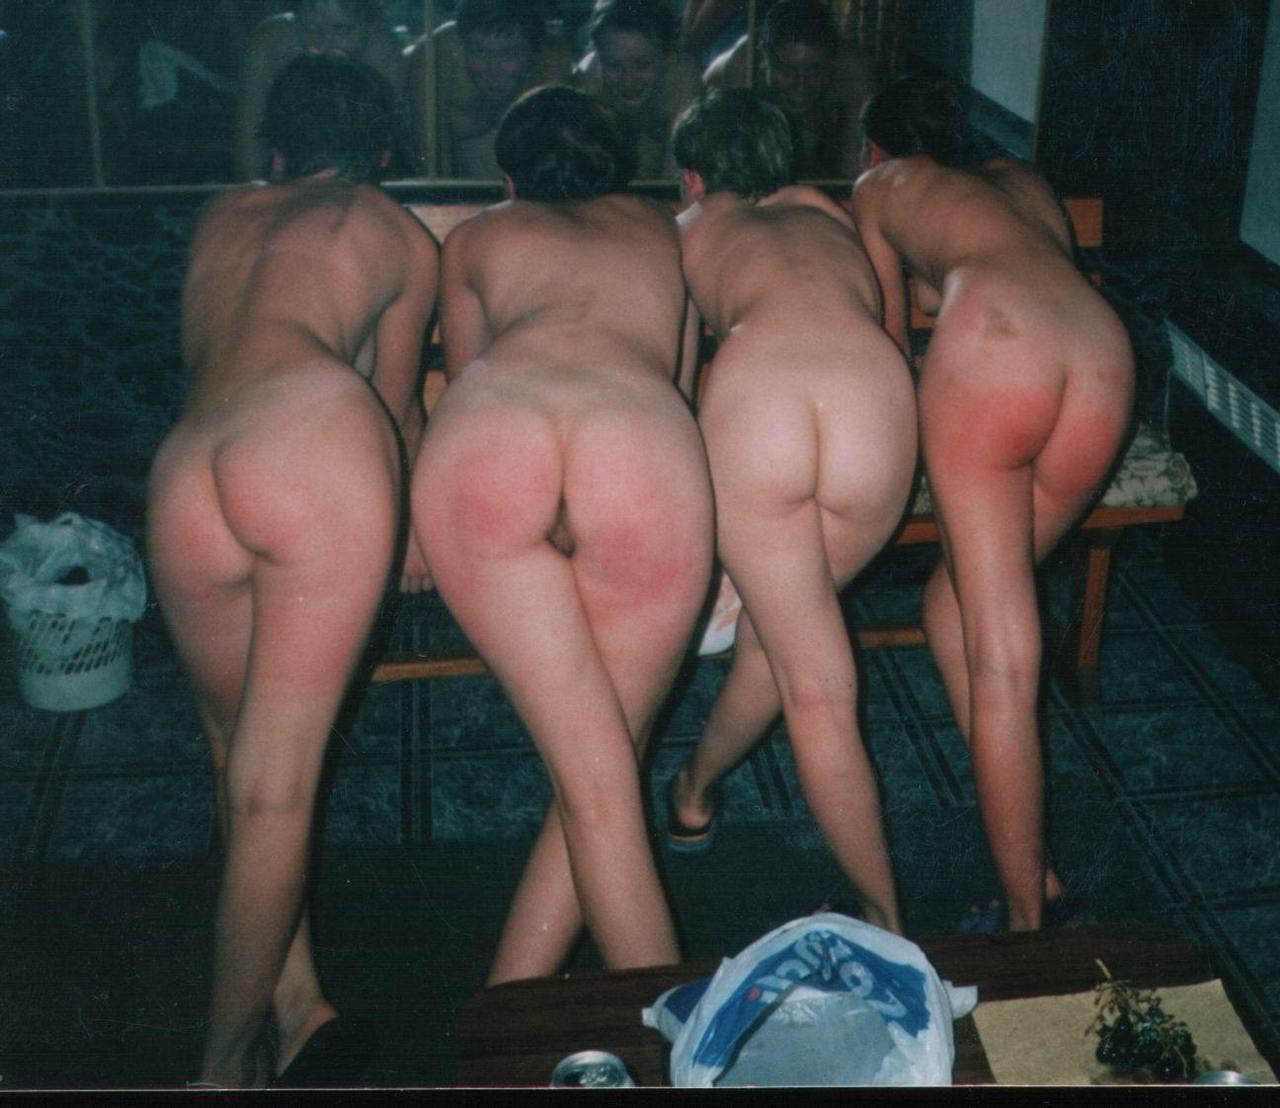 Фото в бане женщин порно 23 фотография